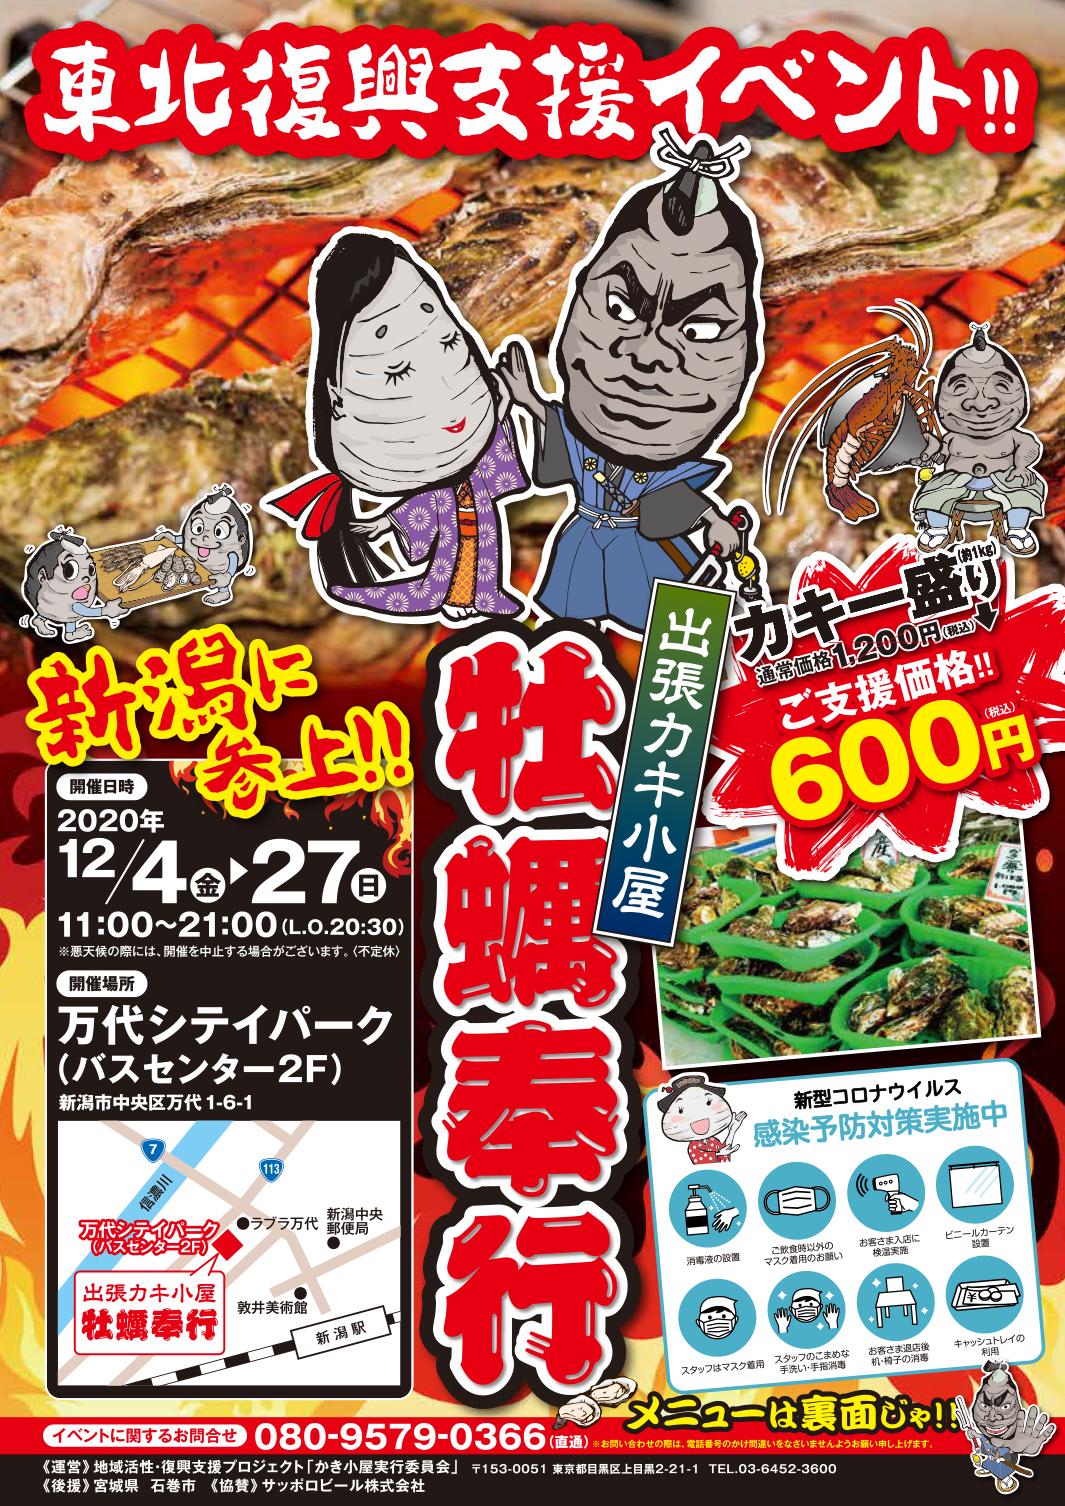 出張カキ小屋「牡蠣奉行」in 万代シテイパーク(バスセンター2F) 2020年12月4日~12月27日日開催